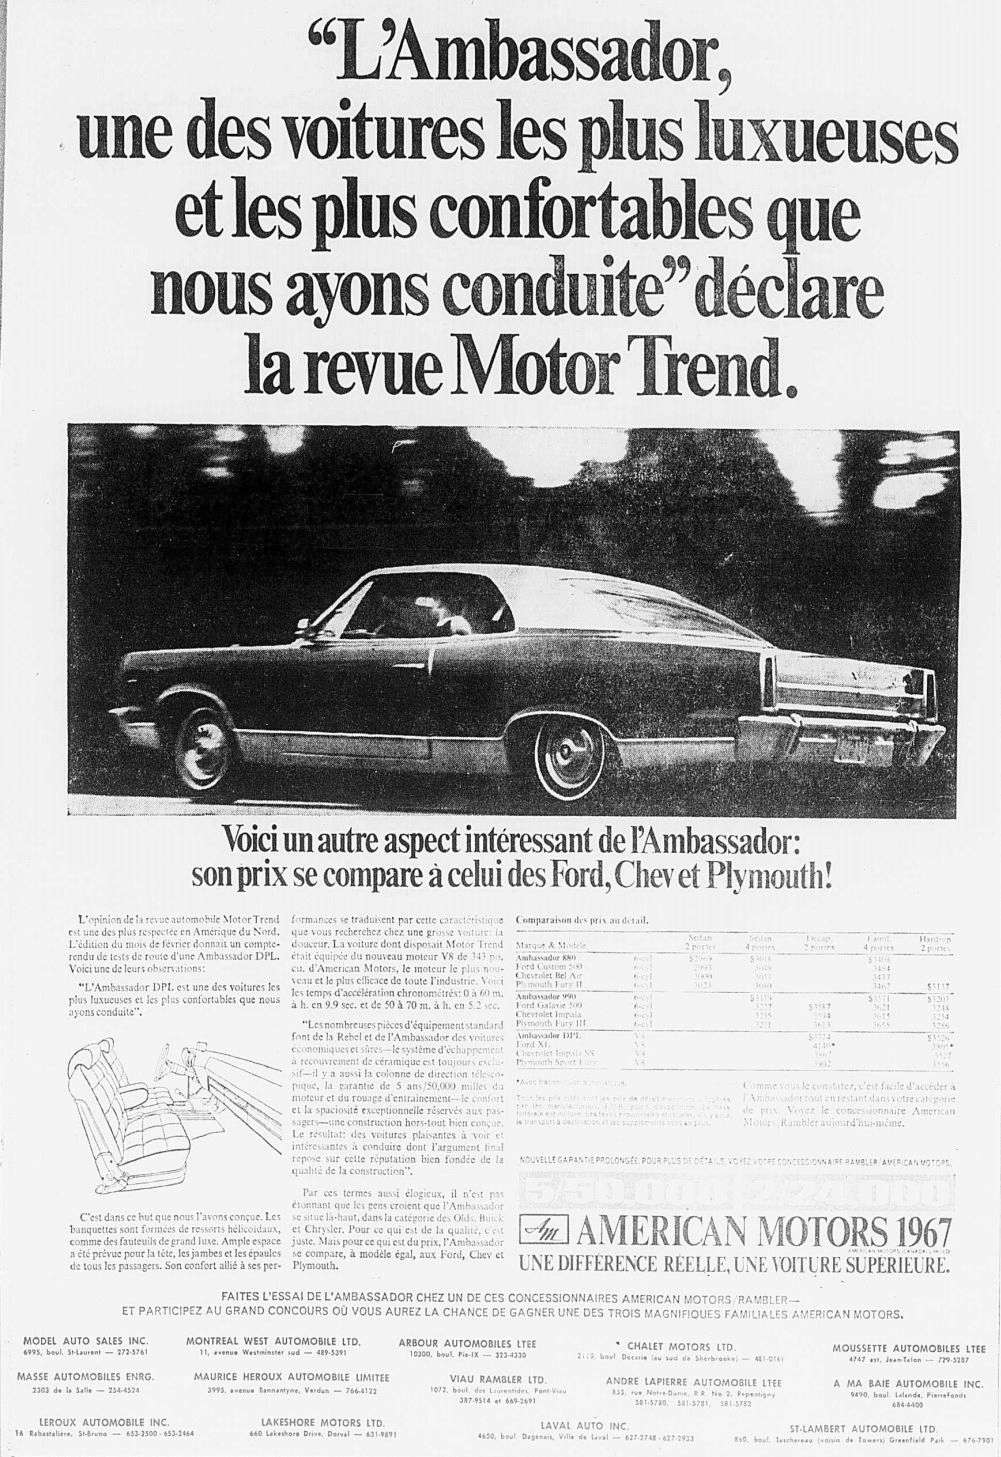 Vieilles publicités AMC au Québec - Page 2 1967_125